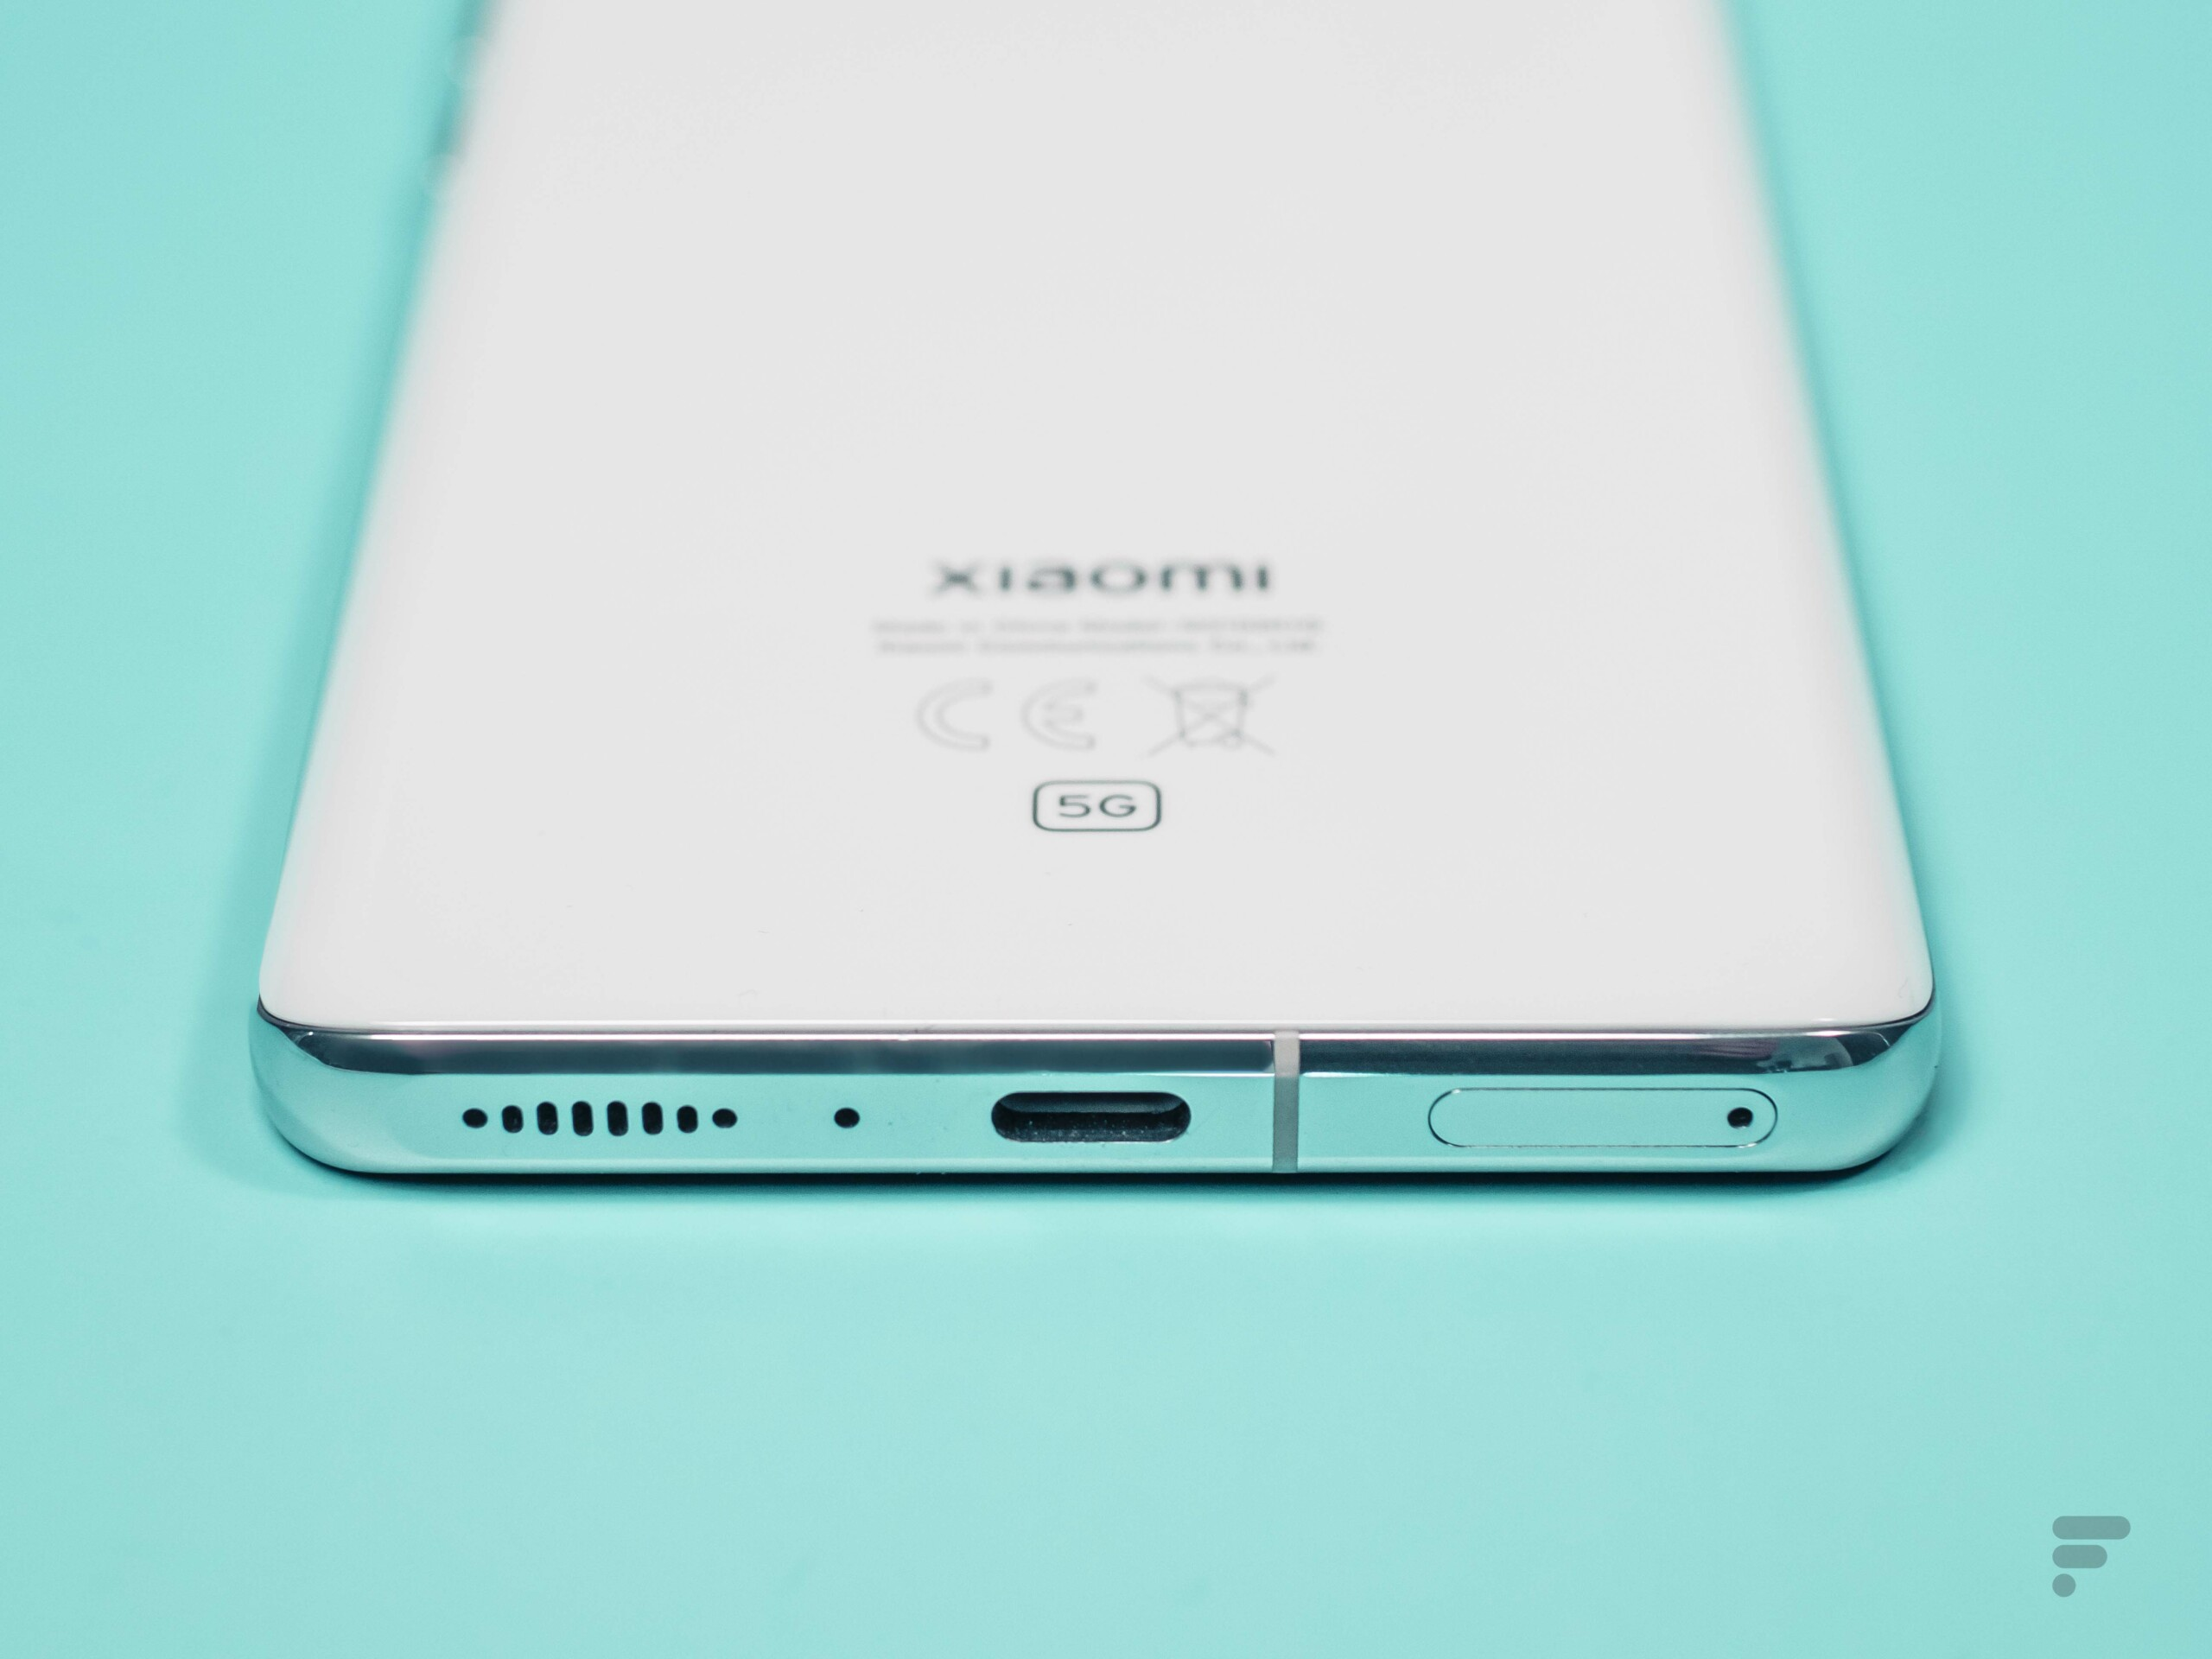 Xiaomi gifle Samsung et devient numéro 1 mondial provisoire sur les smartphones - Frandroid